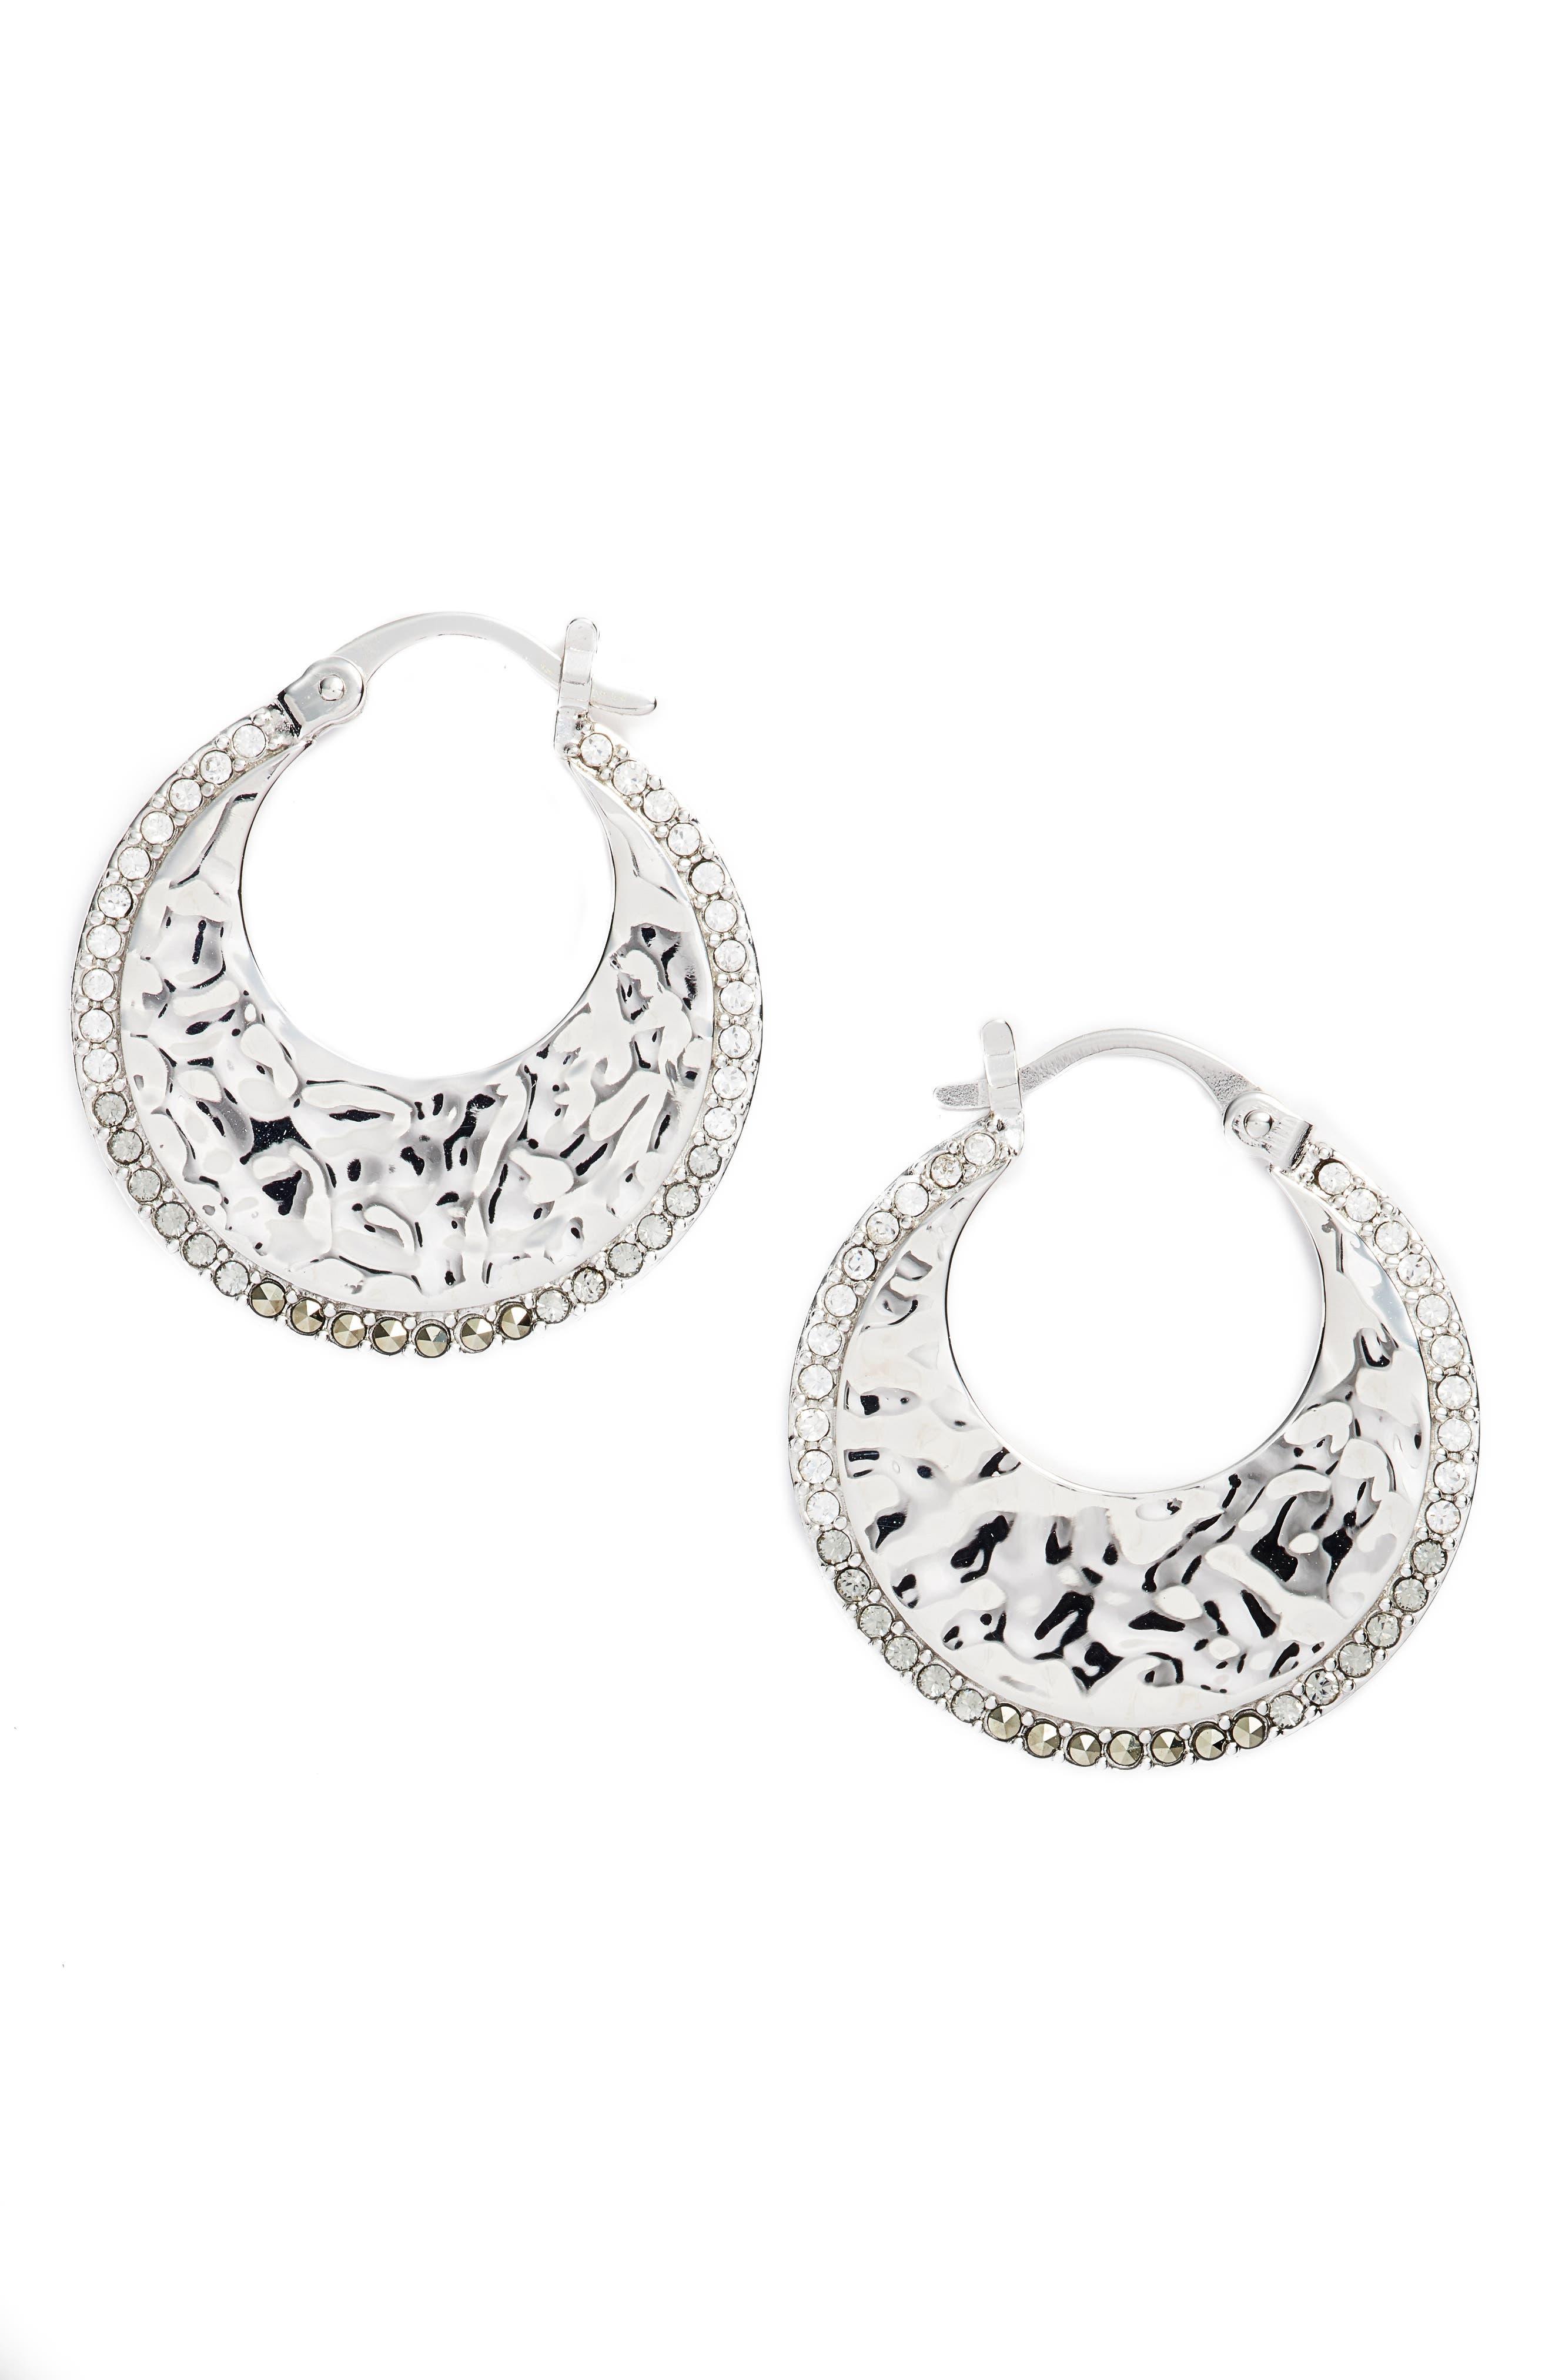 Judith Jack Small Hoop Earrings